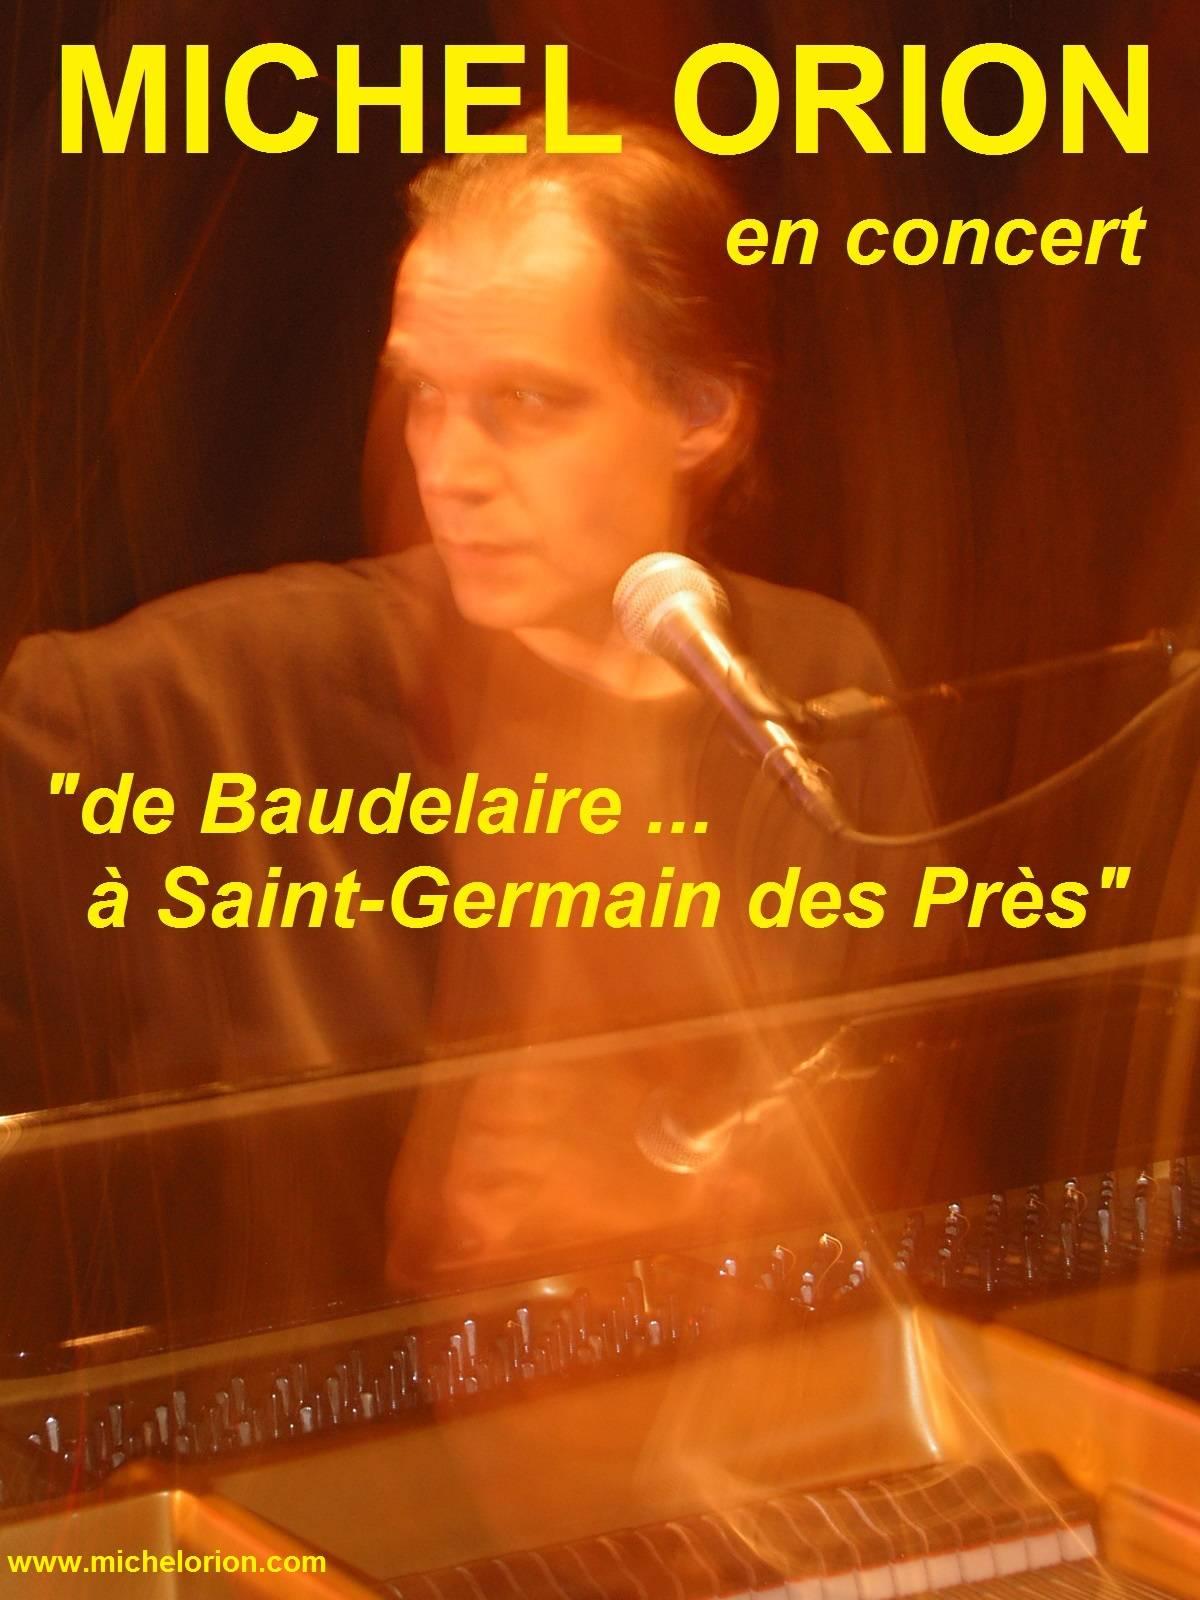 Reste Avec Moi Mireille Mathieu Paroles Visuel Orion